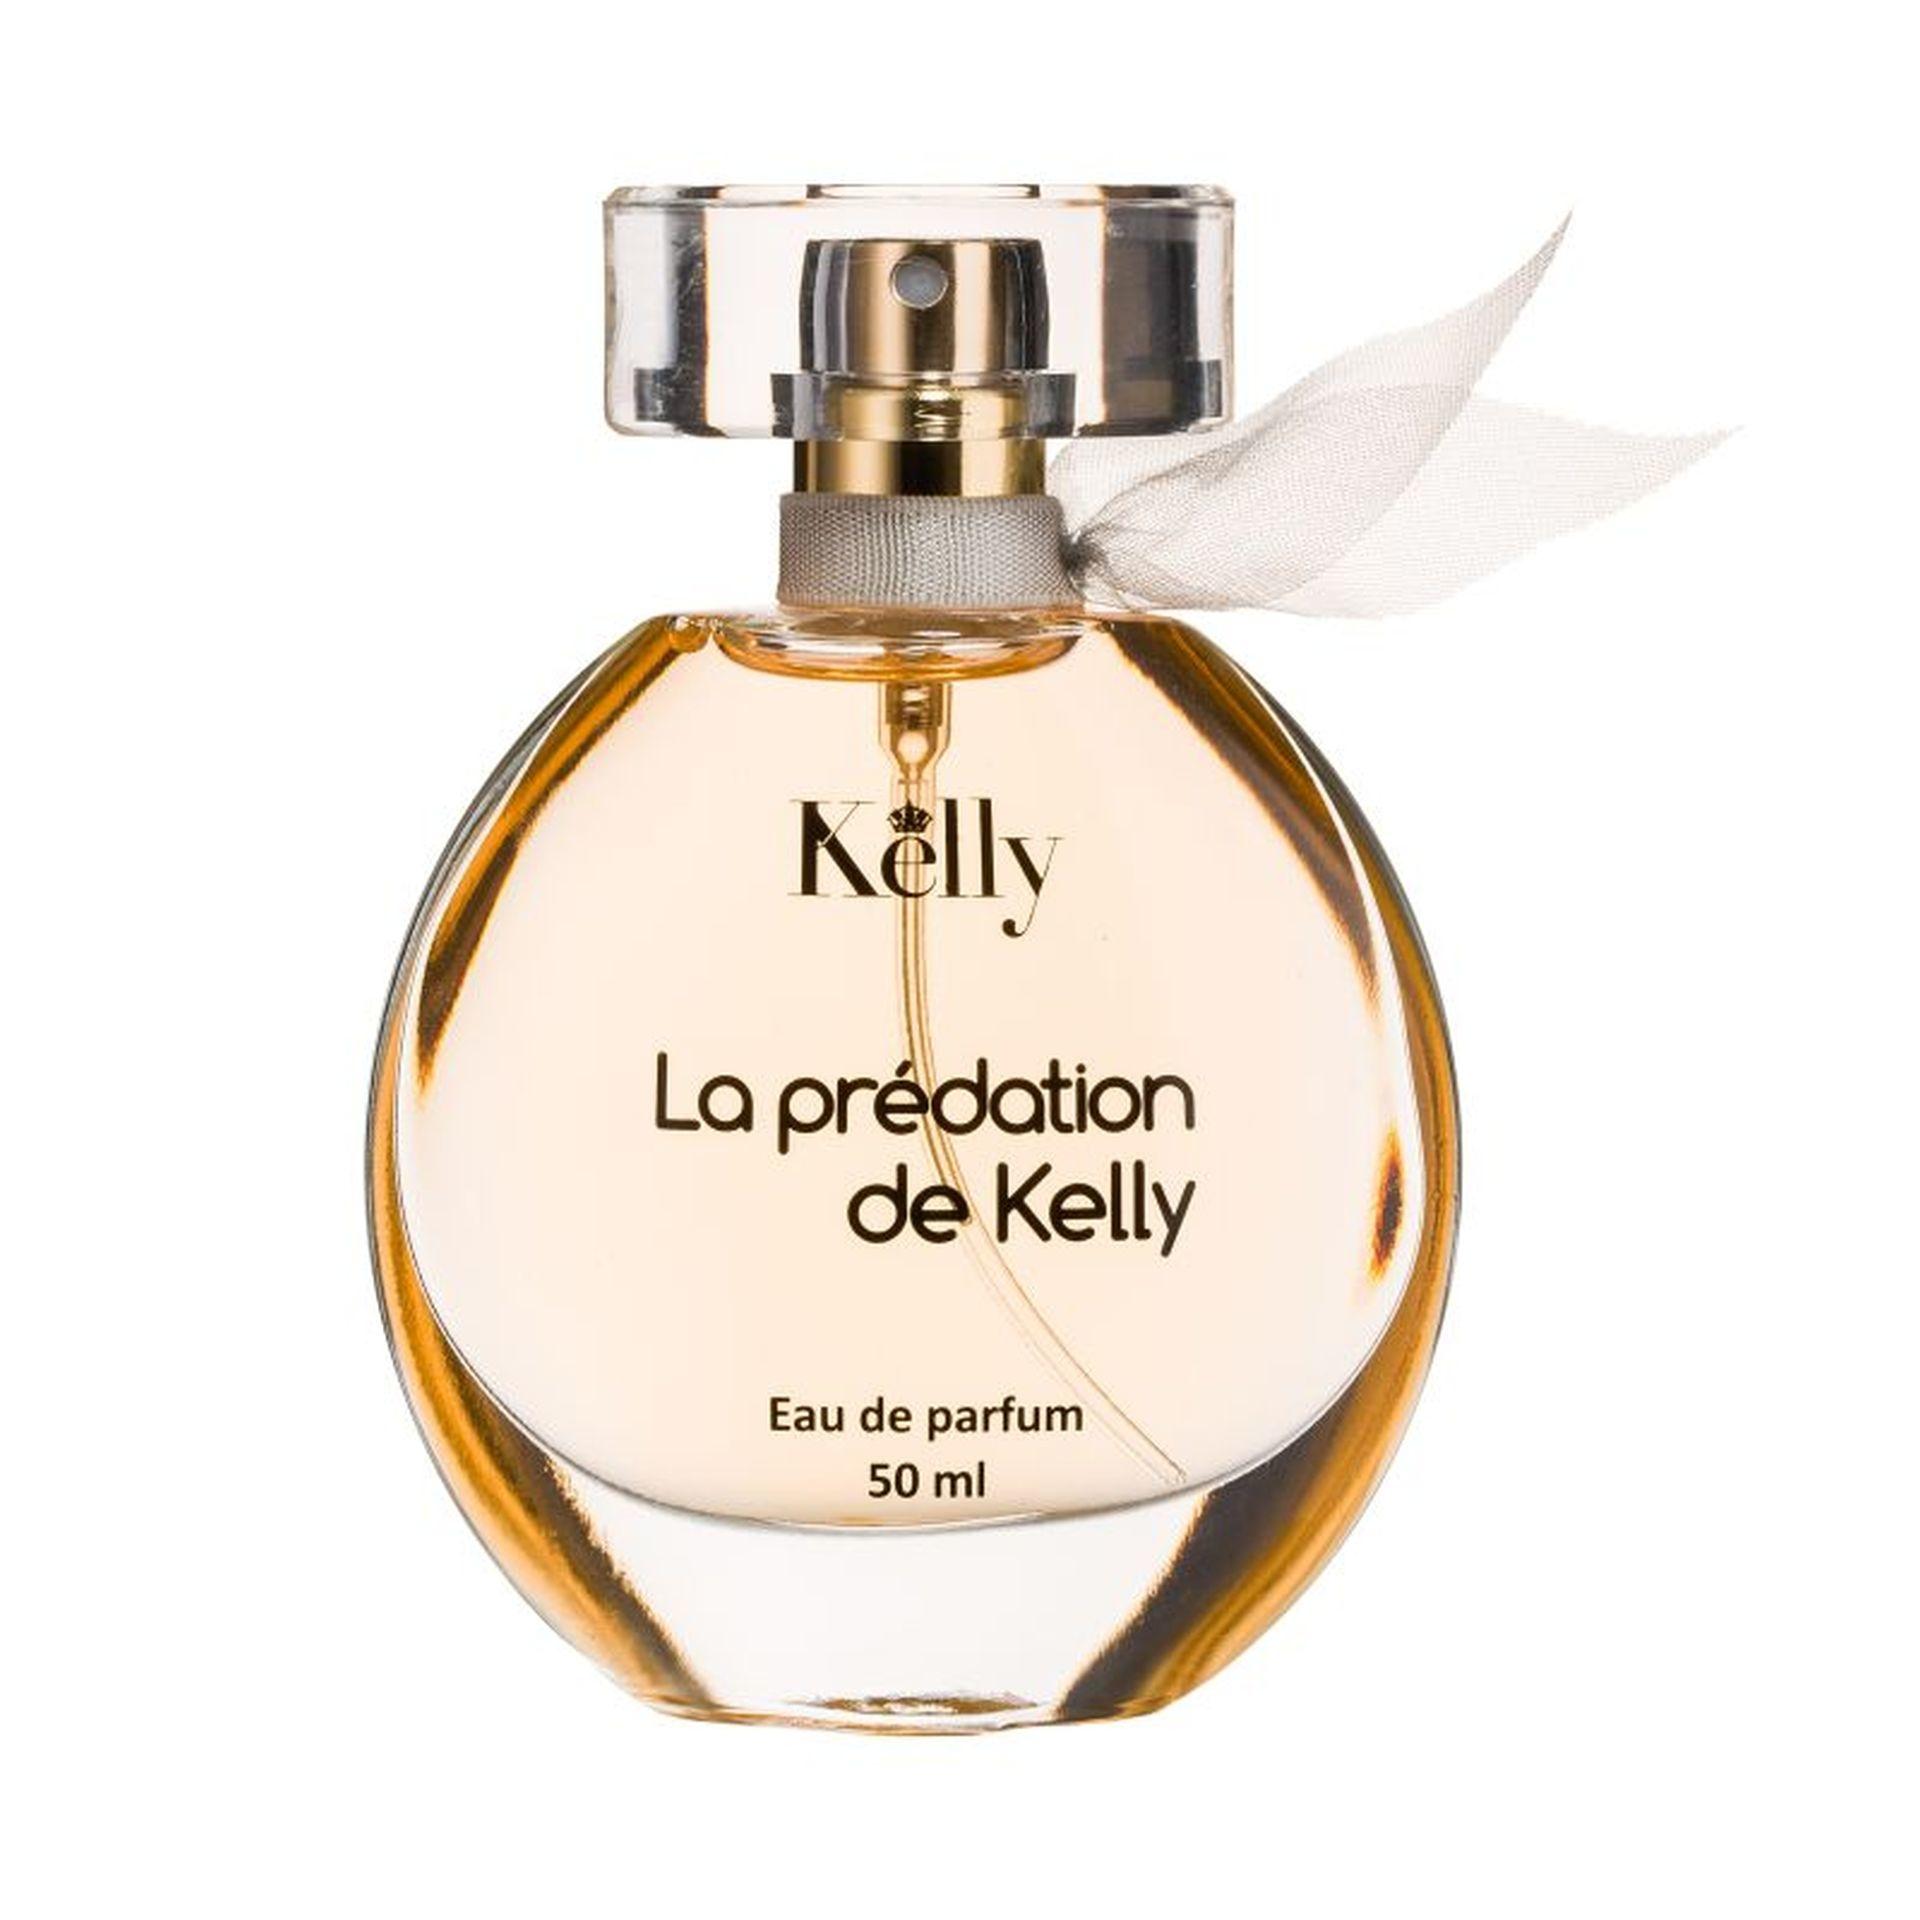 vie_pl_Eau-de-parfum-for-women-La-Predation-de-Kelly-50-ml-420_1